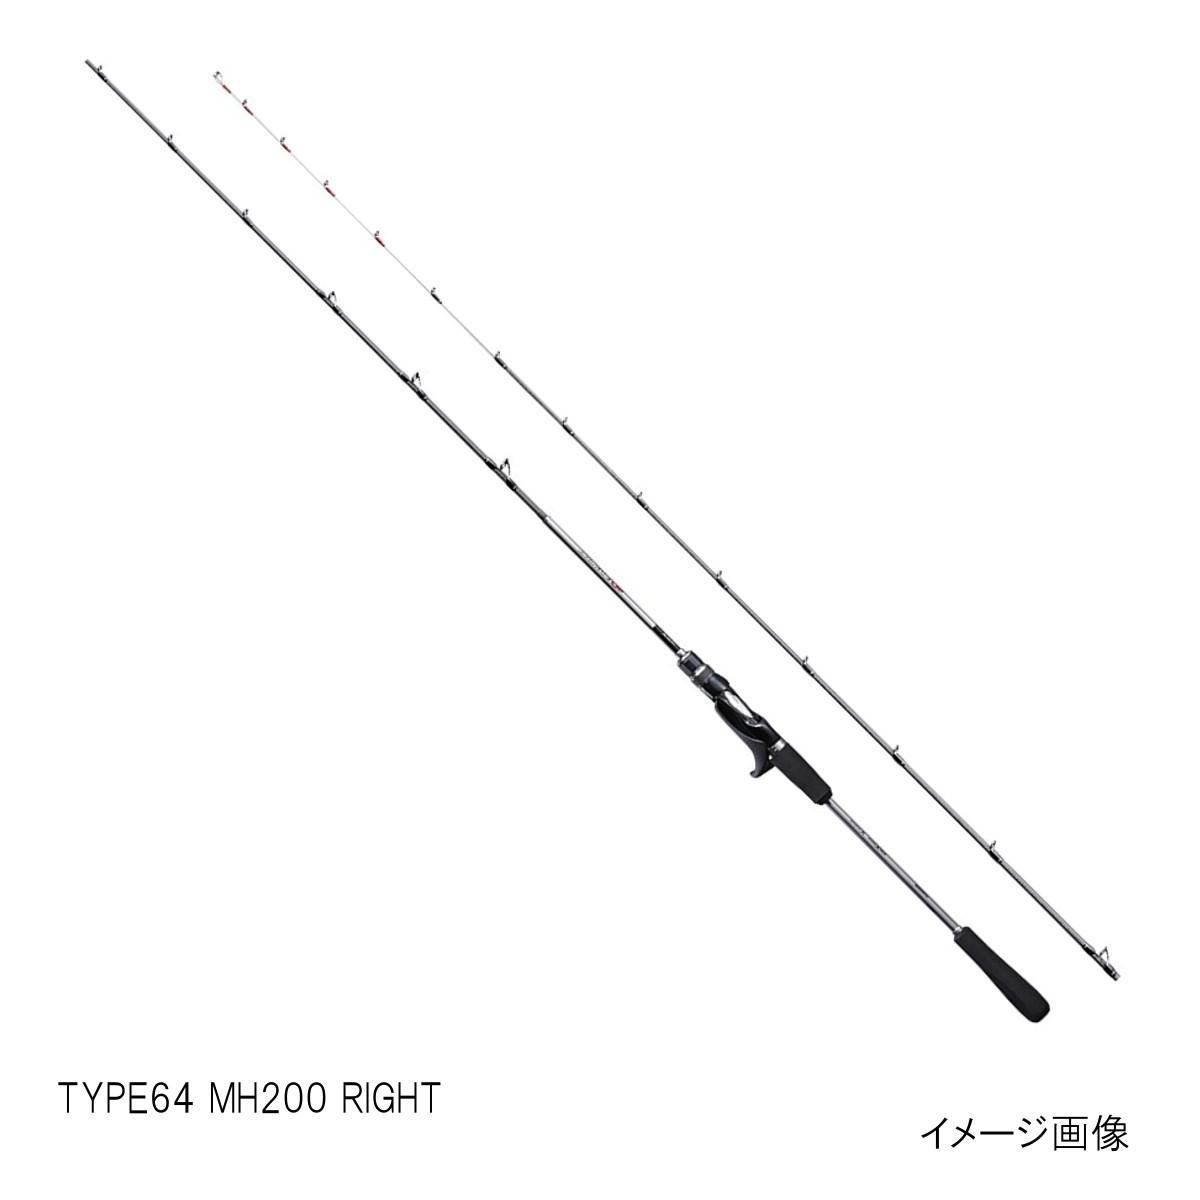 ライトゲーム CI4+ TYPE64 MH200 RIGHT シマノ【大型商品】【同梱不可】